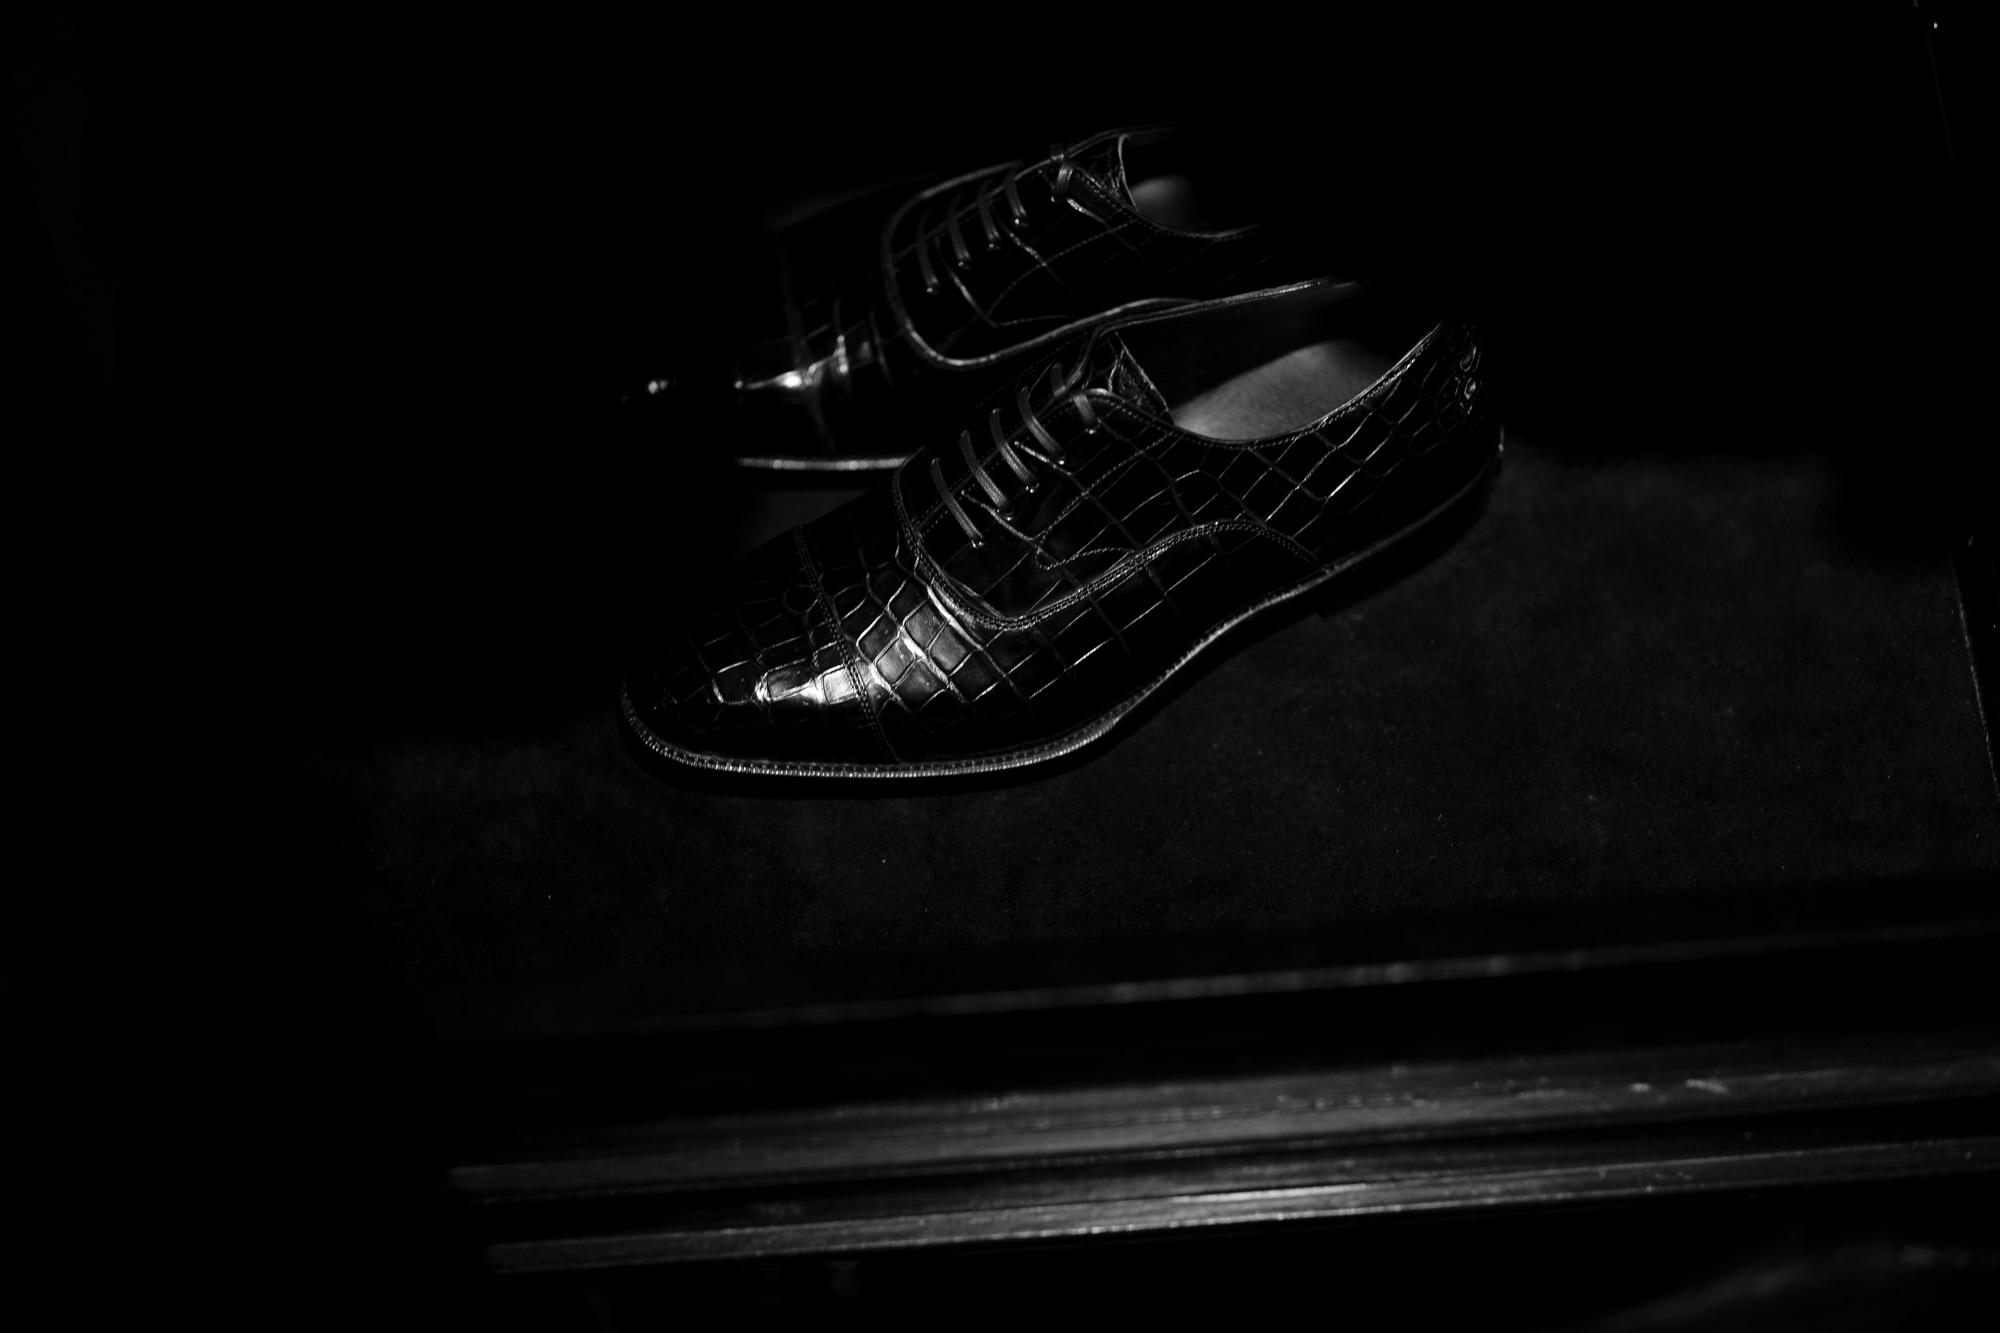 Georges de Patriciaジョルジュドパトリシア Zagato Crocodile ザガートクロコダイル 925 STERLING SILVER 925スターリングシルバー Crocodile クロコダイル エキゾチックレザー ストレートチップシューズ NOIR ブラック 2020 愛知 名古屋 Alto e Diritto アルトエデリット ドレスシューズ